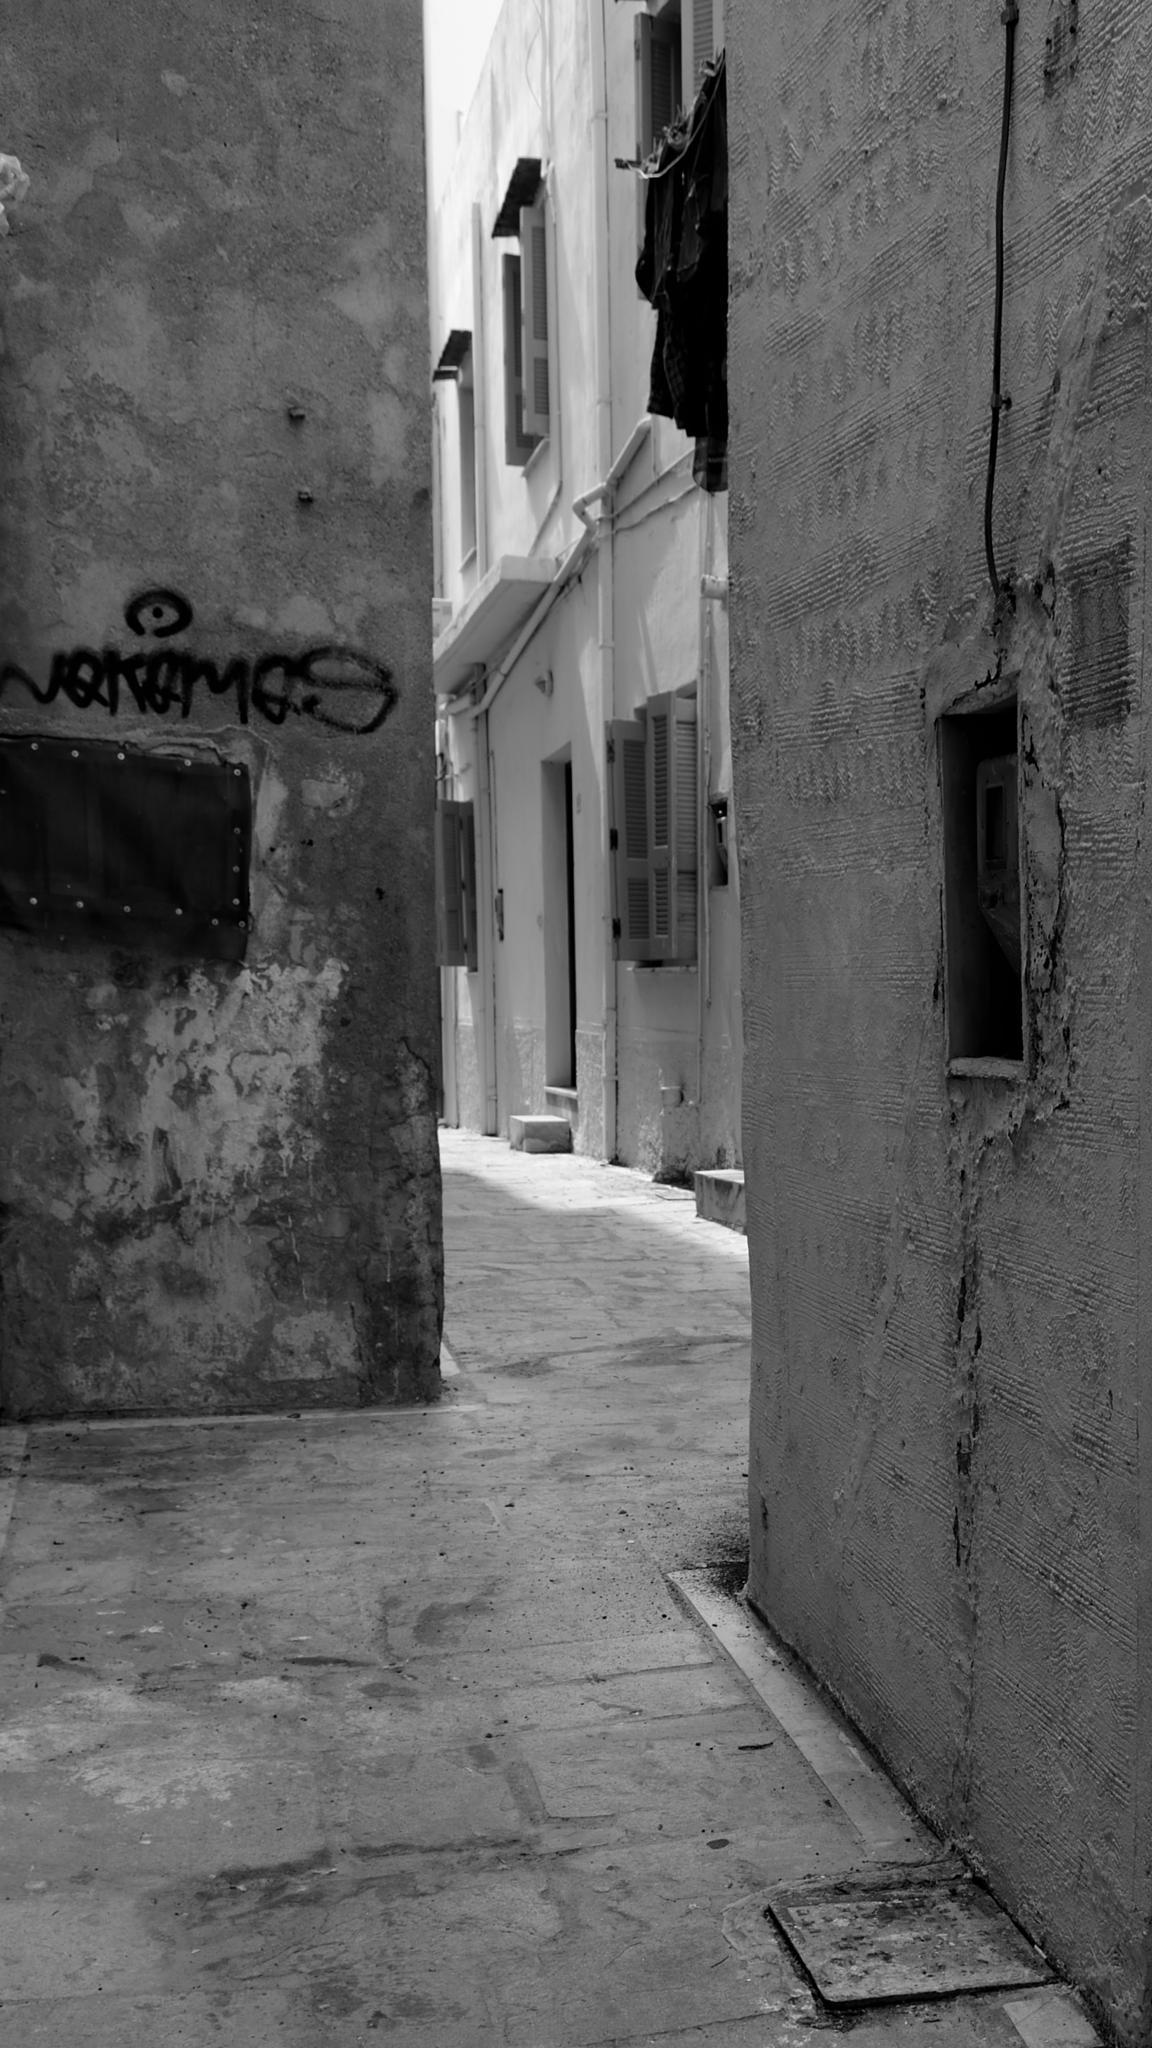 Old Town 3 by Poul-Erik Riis